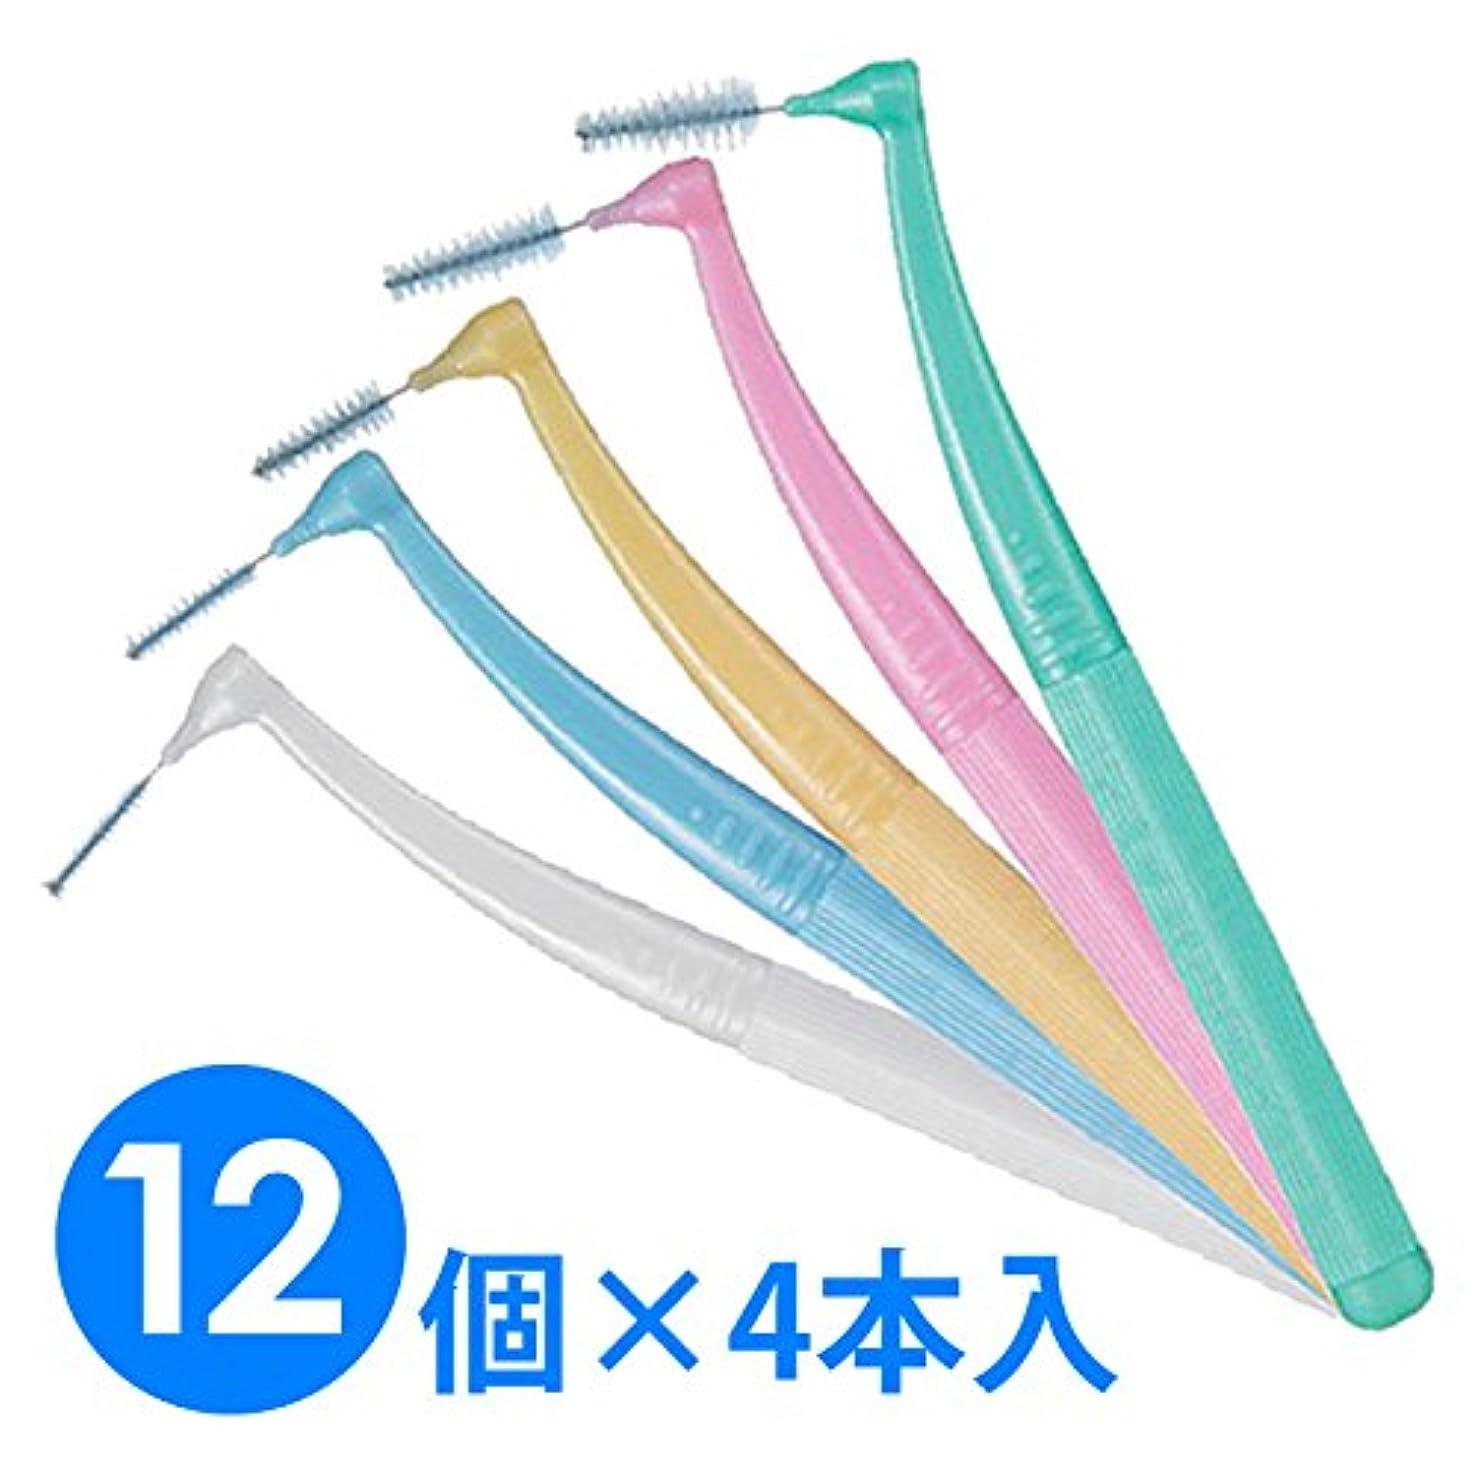 ファンピーブ確率【12個1箱】ガム?プロズ 歯間ブラシL字型 4本入り×12 (SSS(1)ホワイト)